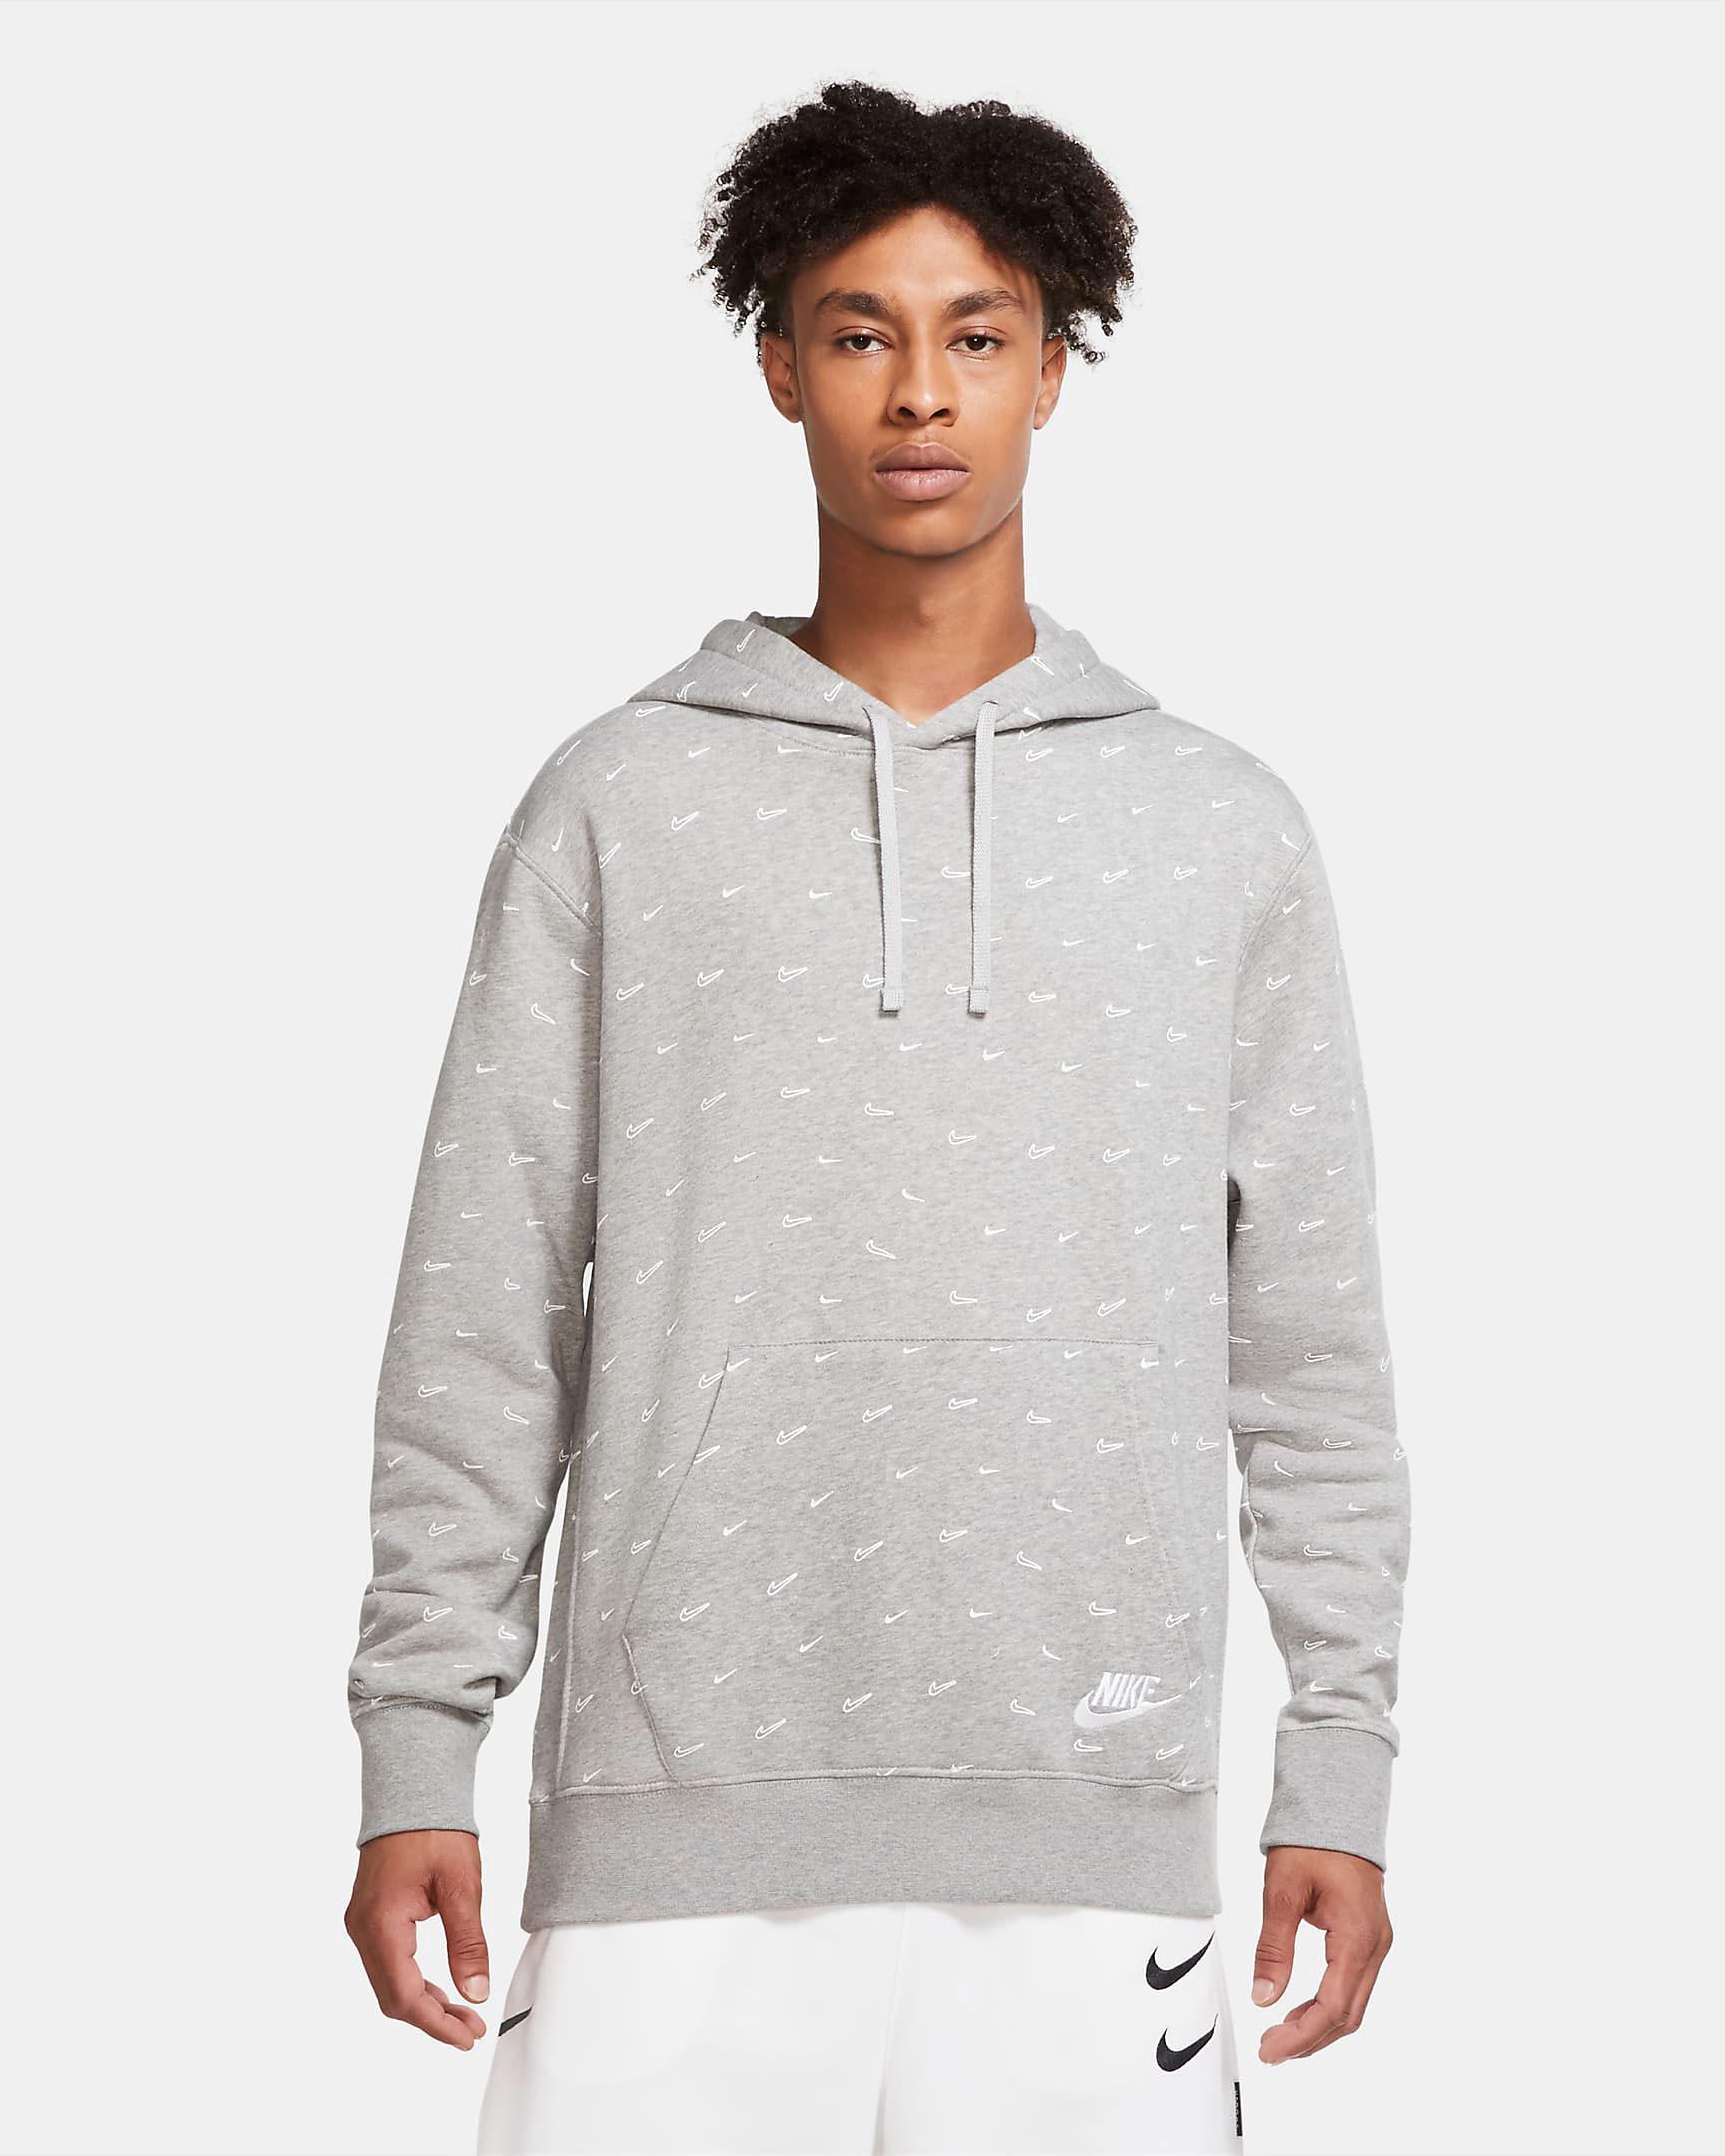 nike-adapt-bb-2-oreo-white-cement-hoodie-to-match-1